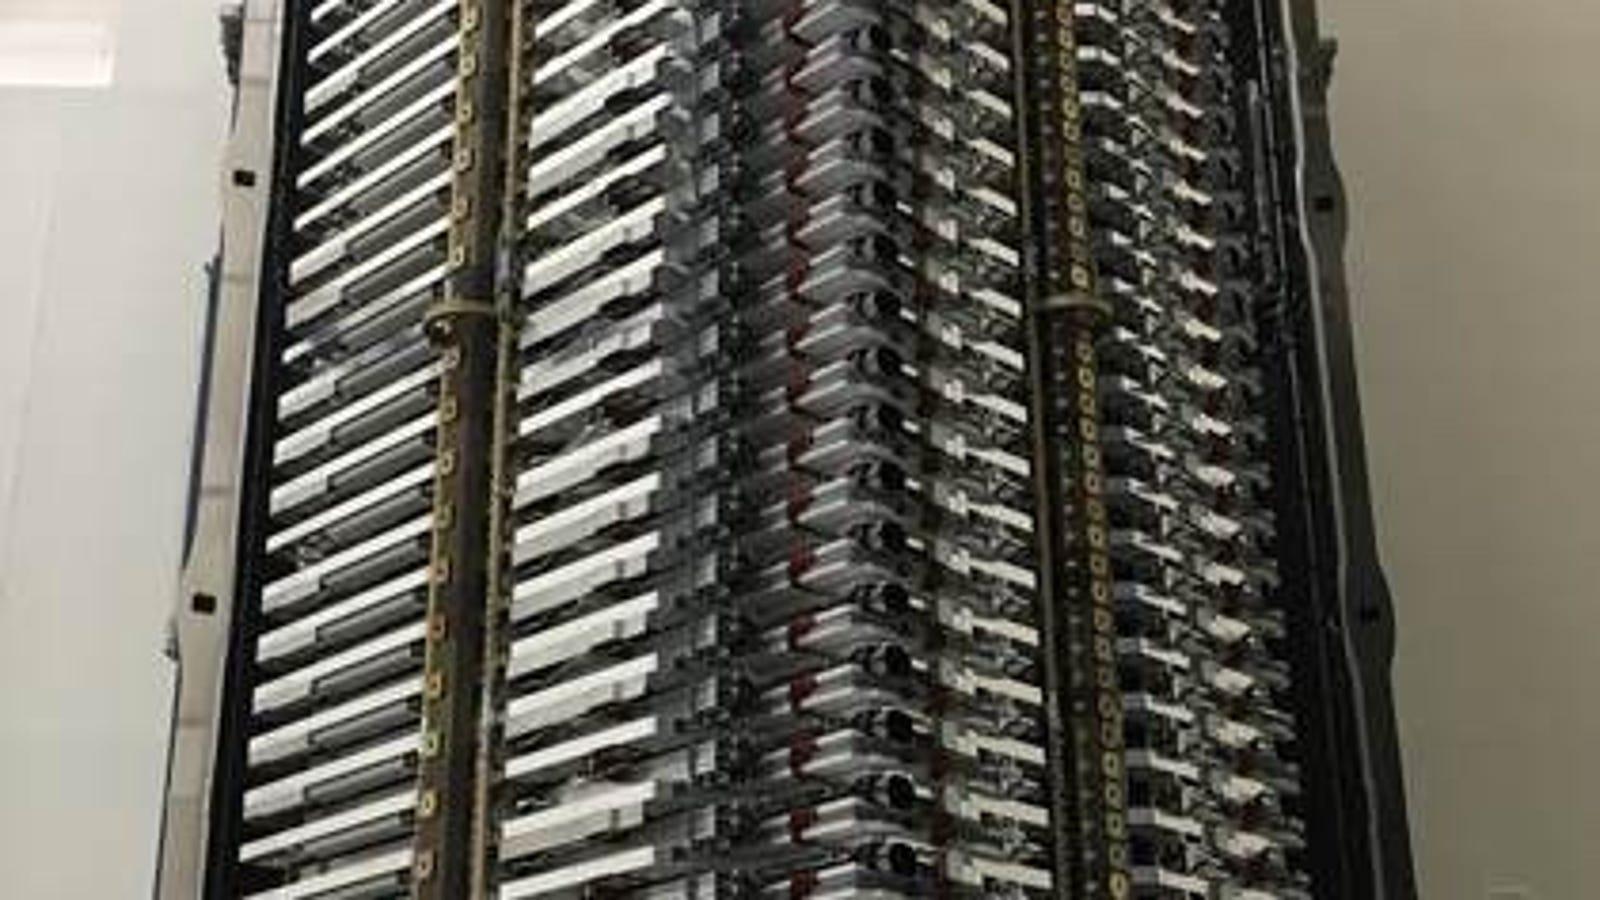 Aquí hay 60 satélites de Starlink, el internet espacial que quiere construir Elon Musk